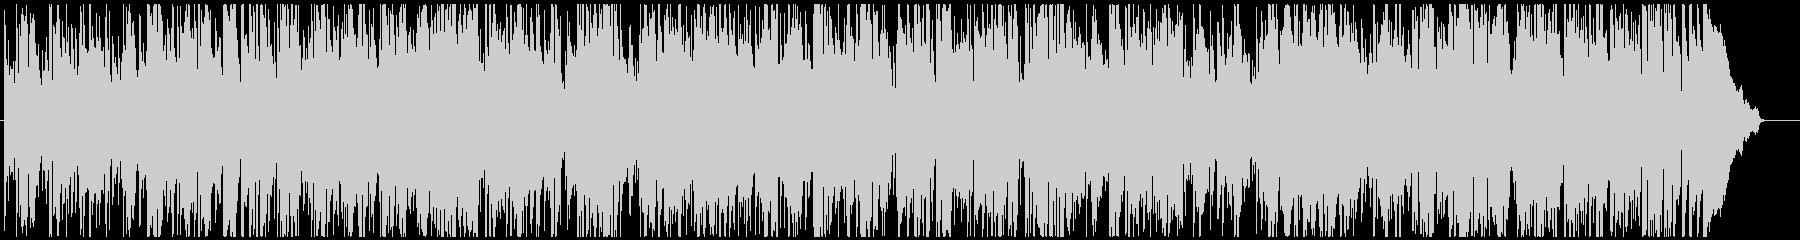 ジャズ 早めのスイング サックス生演奏の未再生の波形